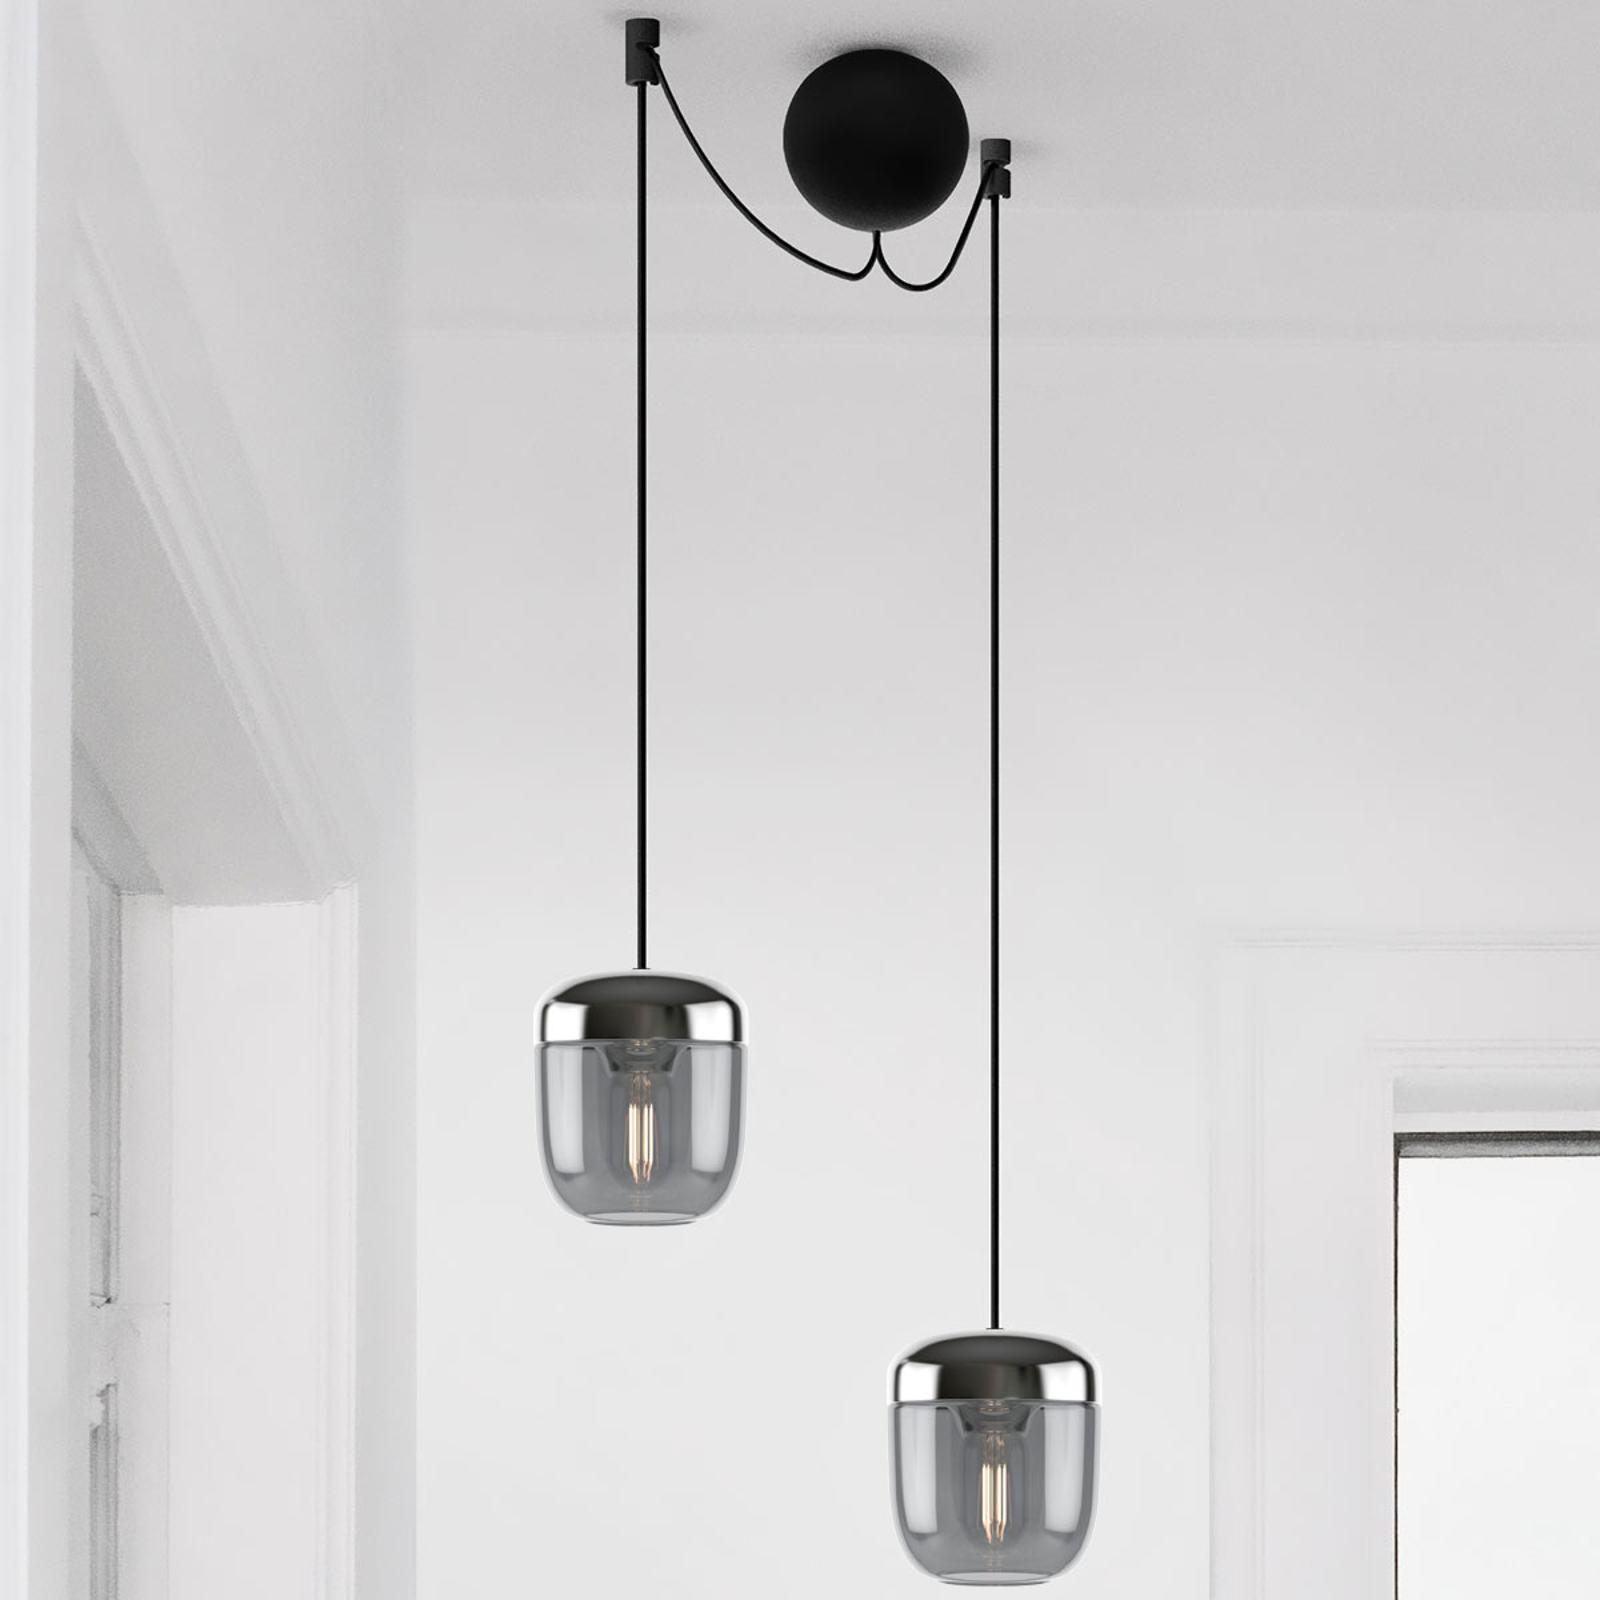 UMAGE Acorn hængelampe 2 lyskilde røggrå stål